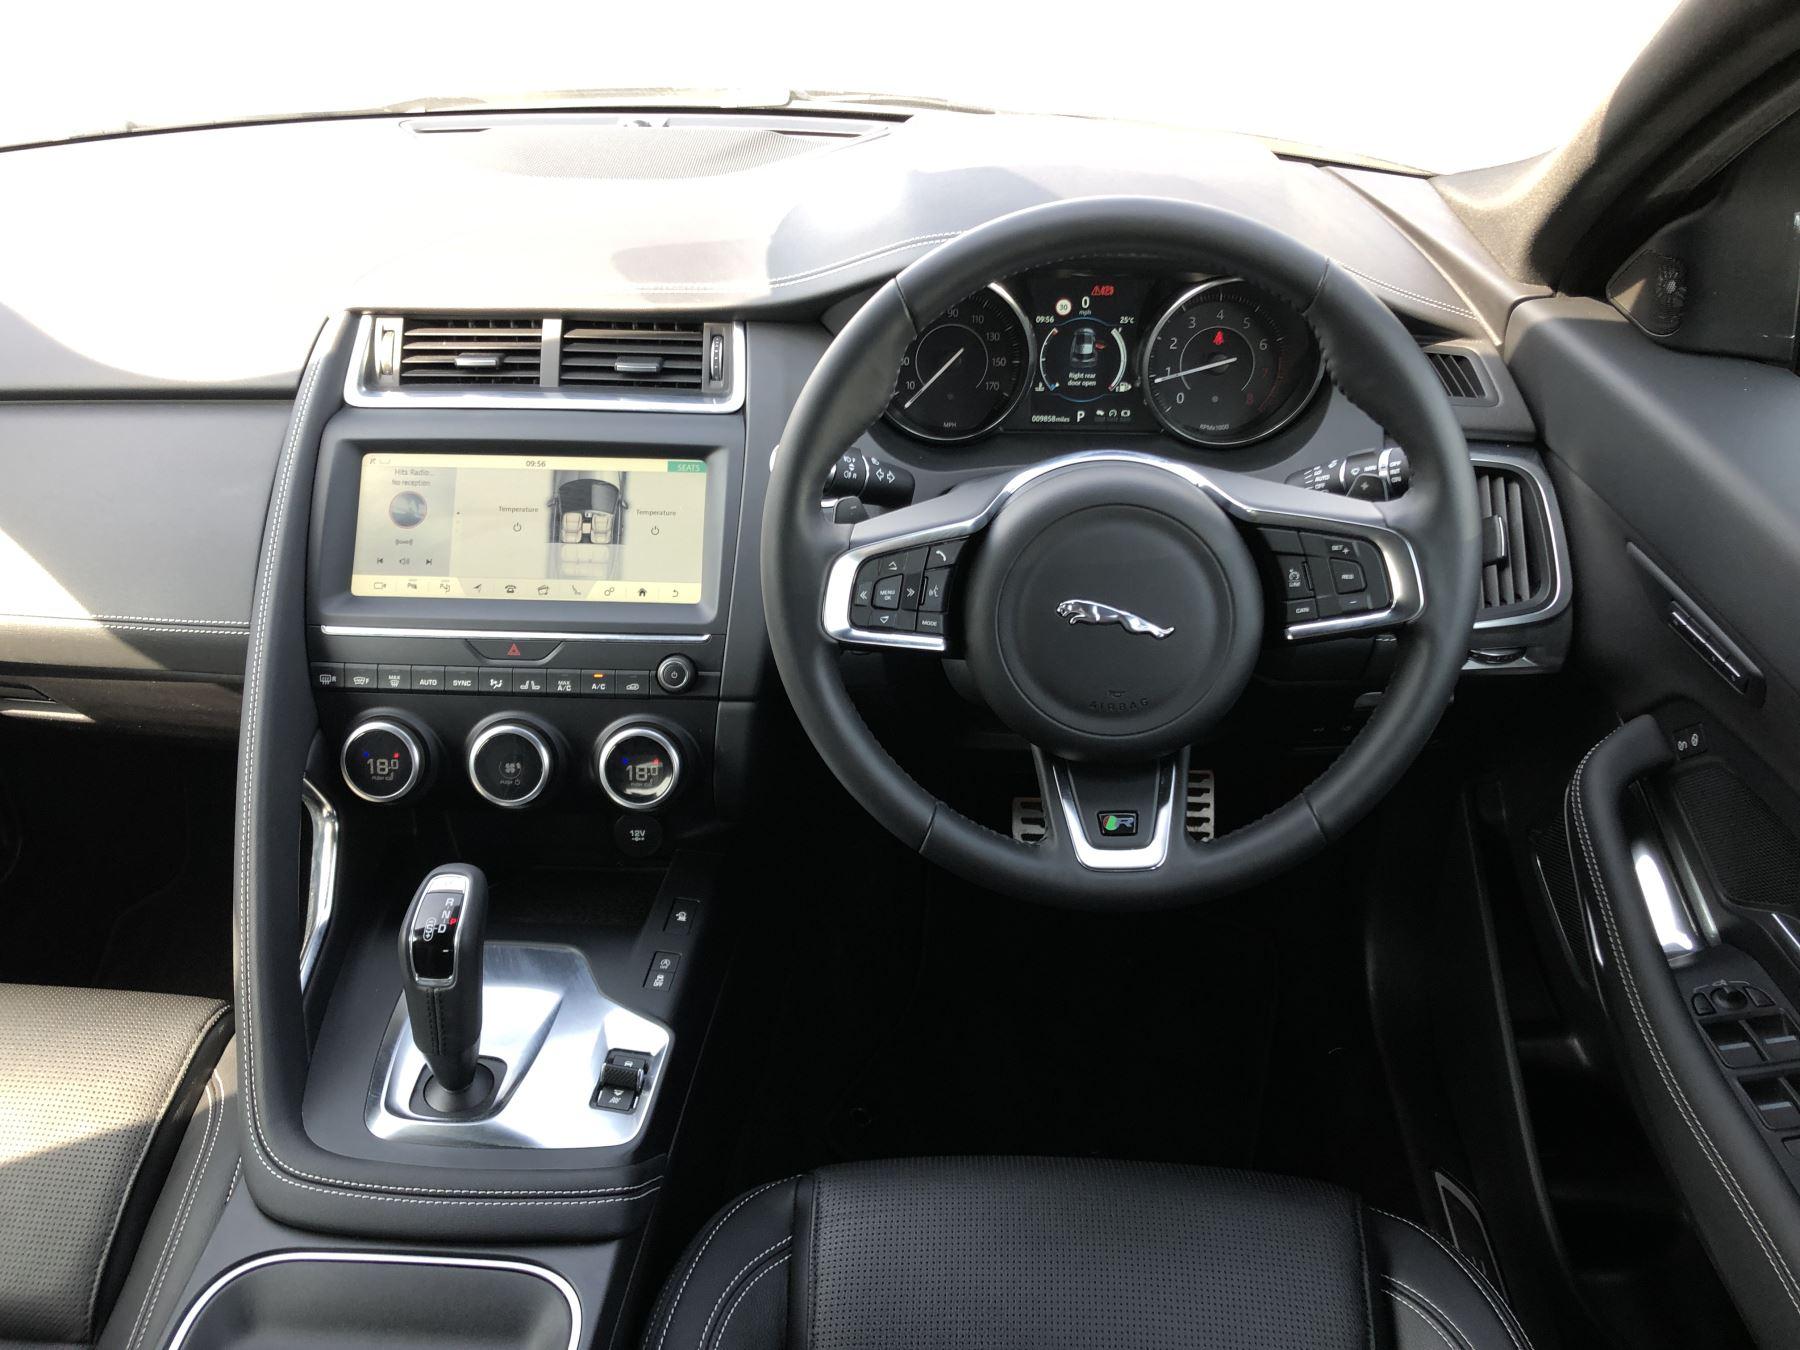 Jaguar E-PACE 2.0 R-Dynamic SE 5dr image 25